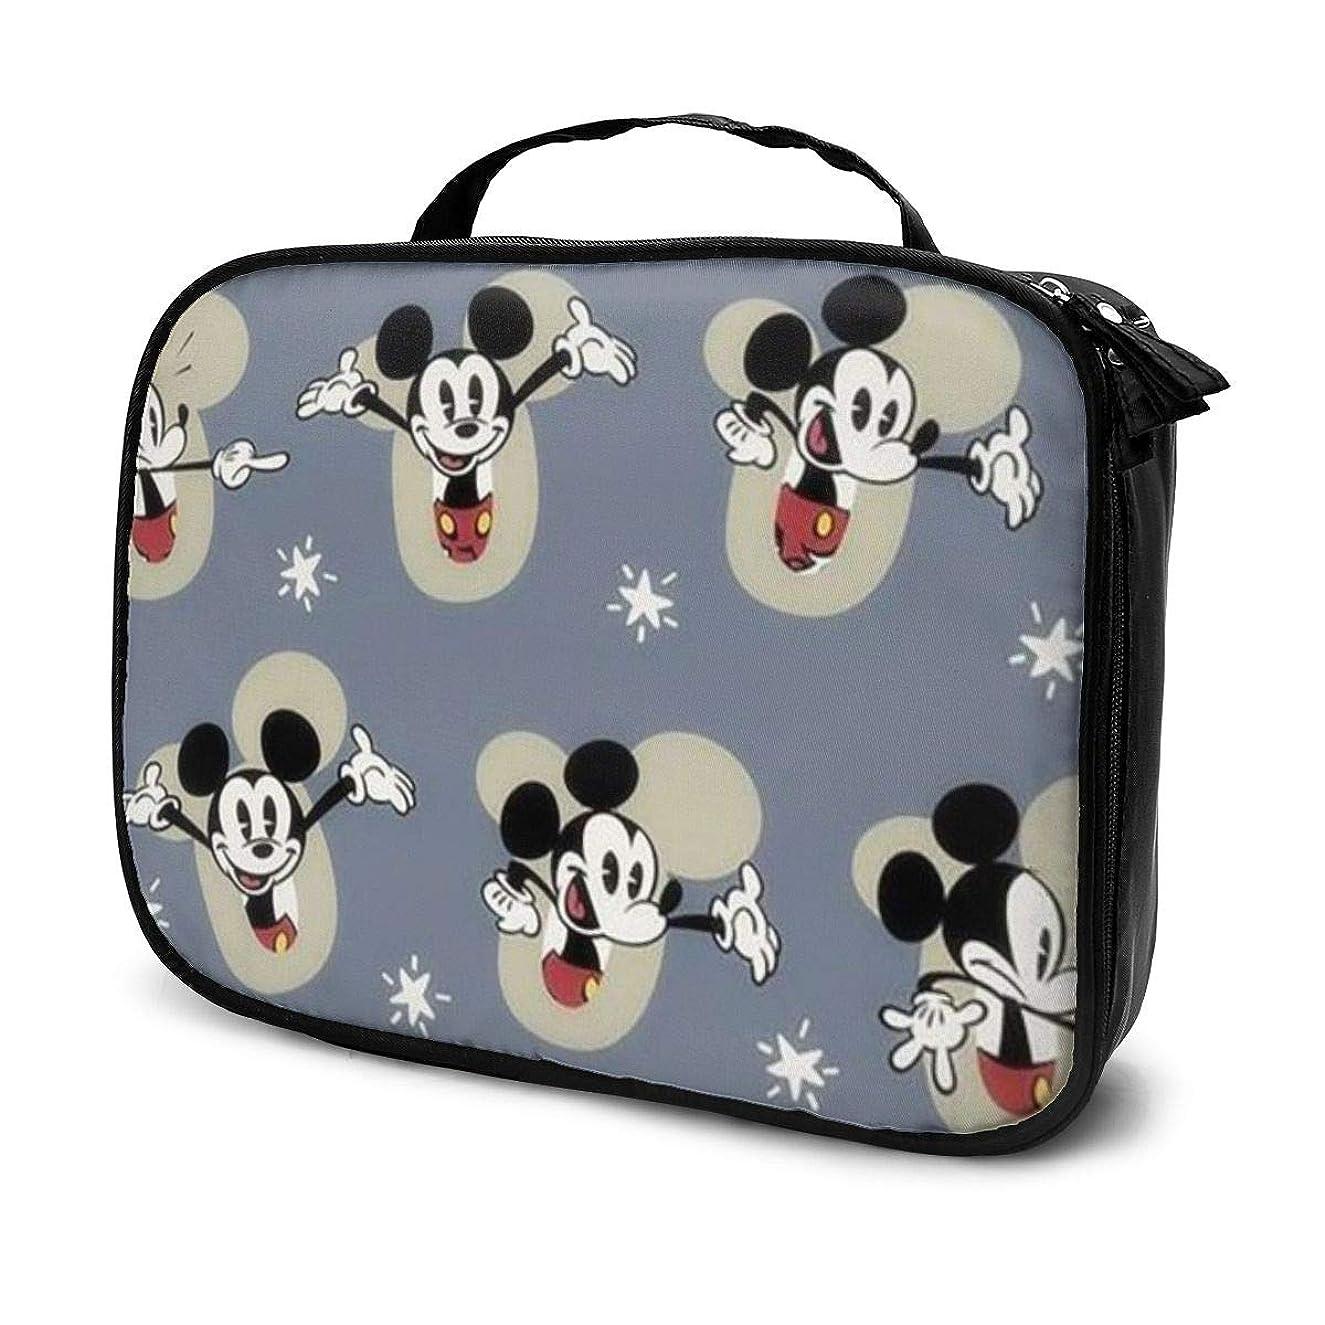 前提条件寝室役員Daituミッキーマウス 化粧品袋の女性旅行バッグ収納大容量防水アクセサリー旅行